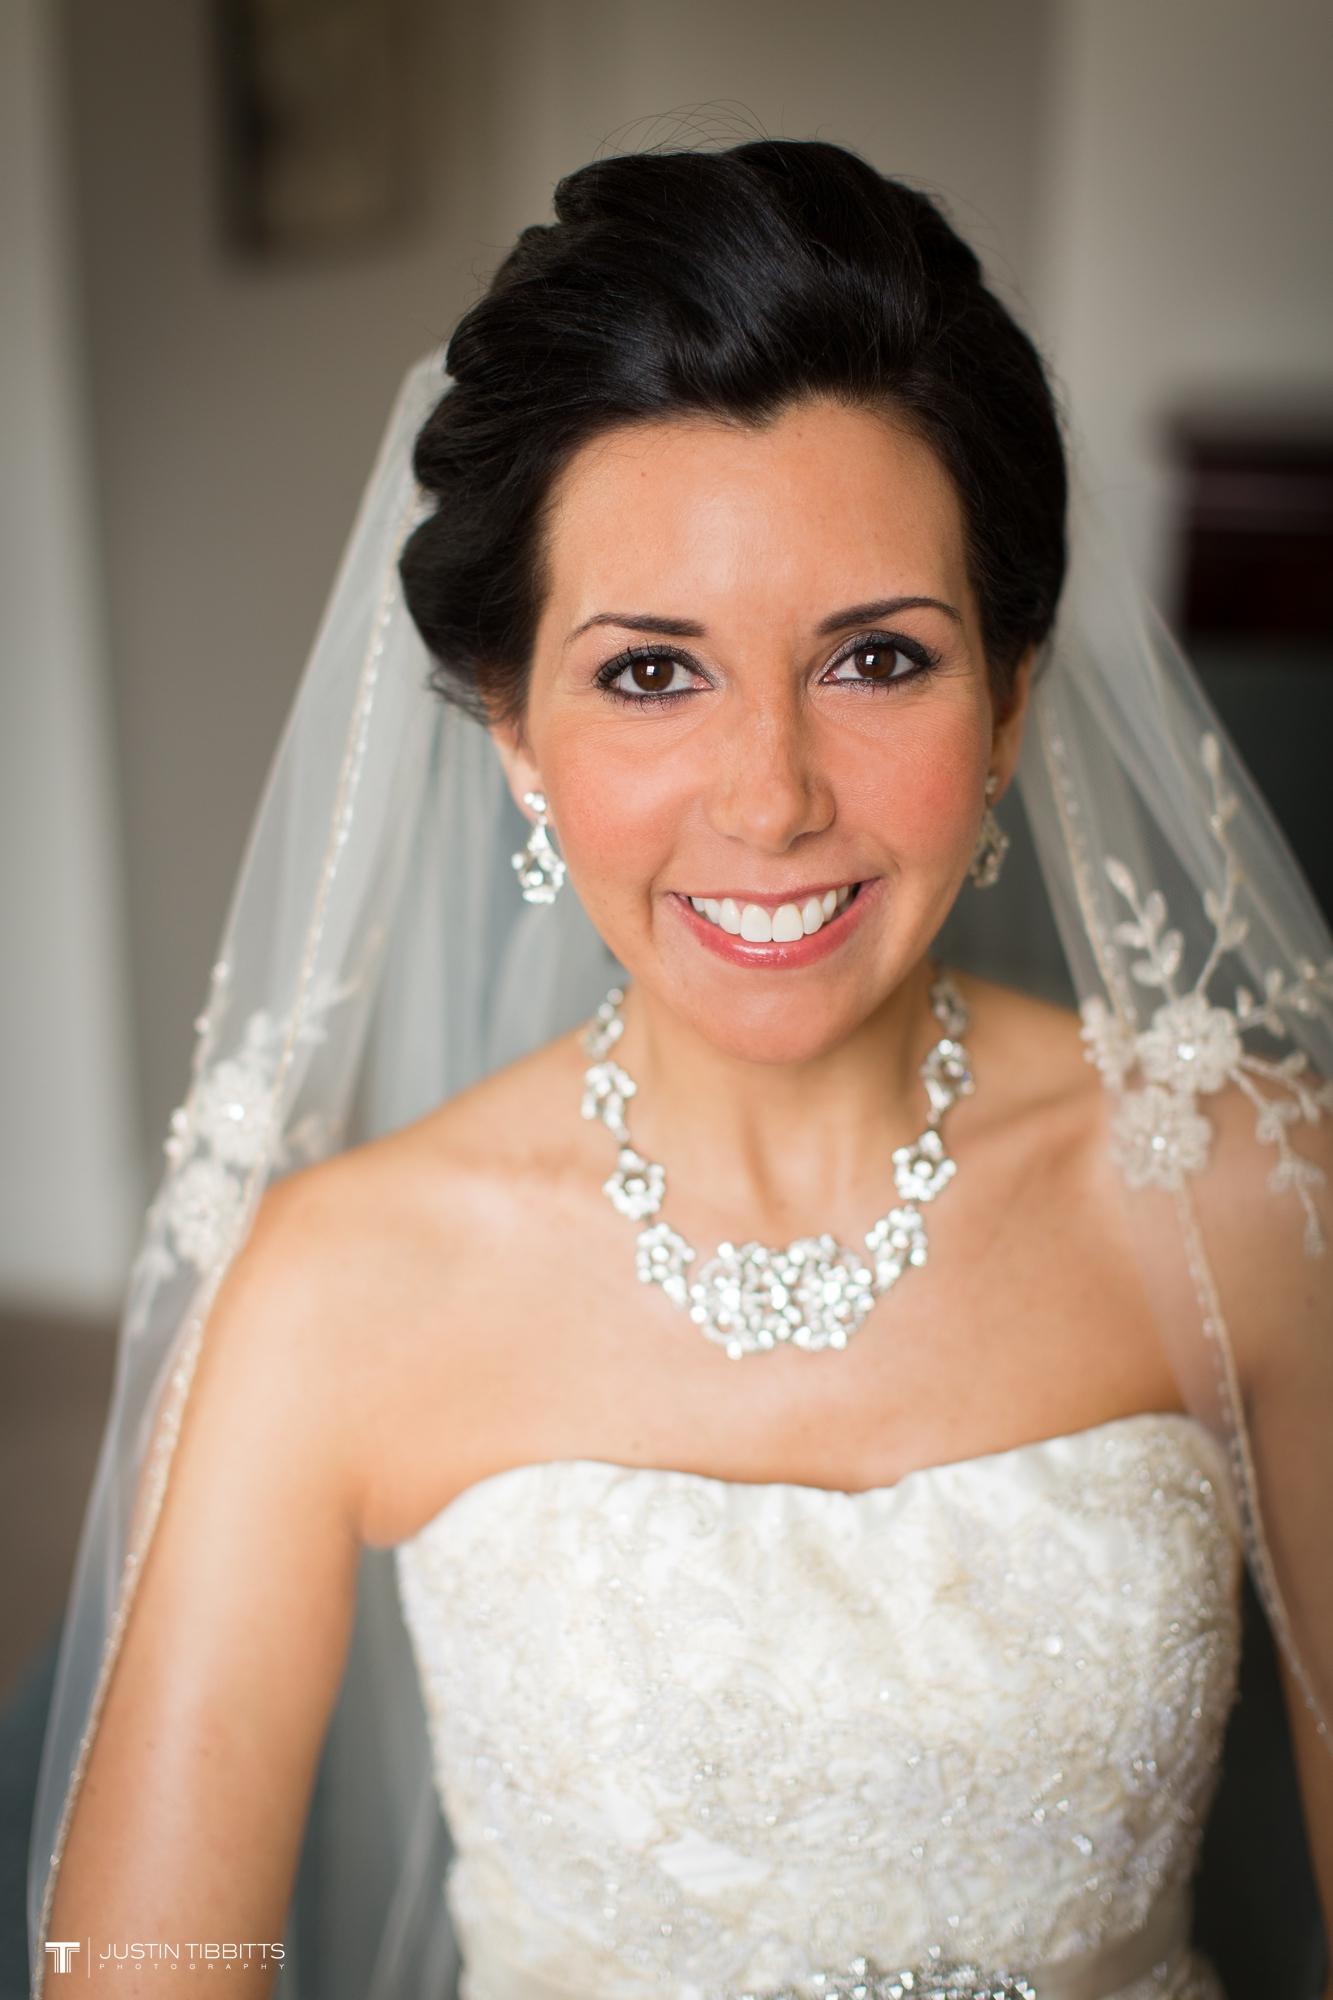 Albany NY Wedding Photographer Justin Tibbitts Photography Best of Albany NY Weddings 201479